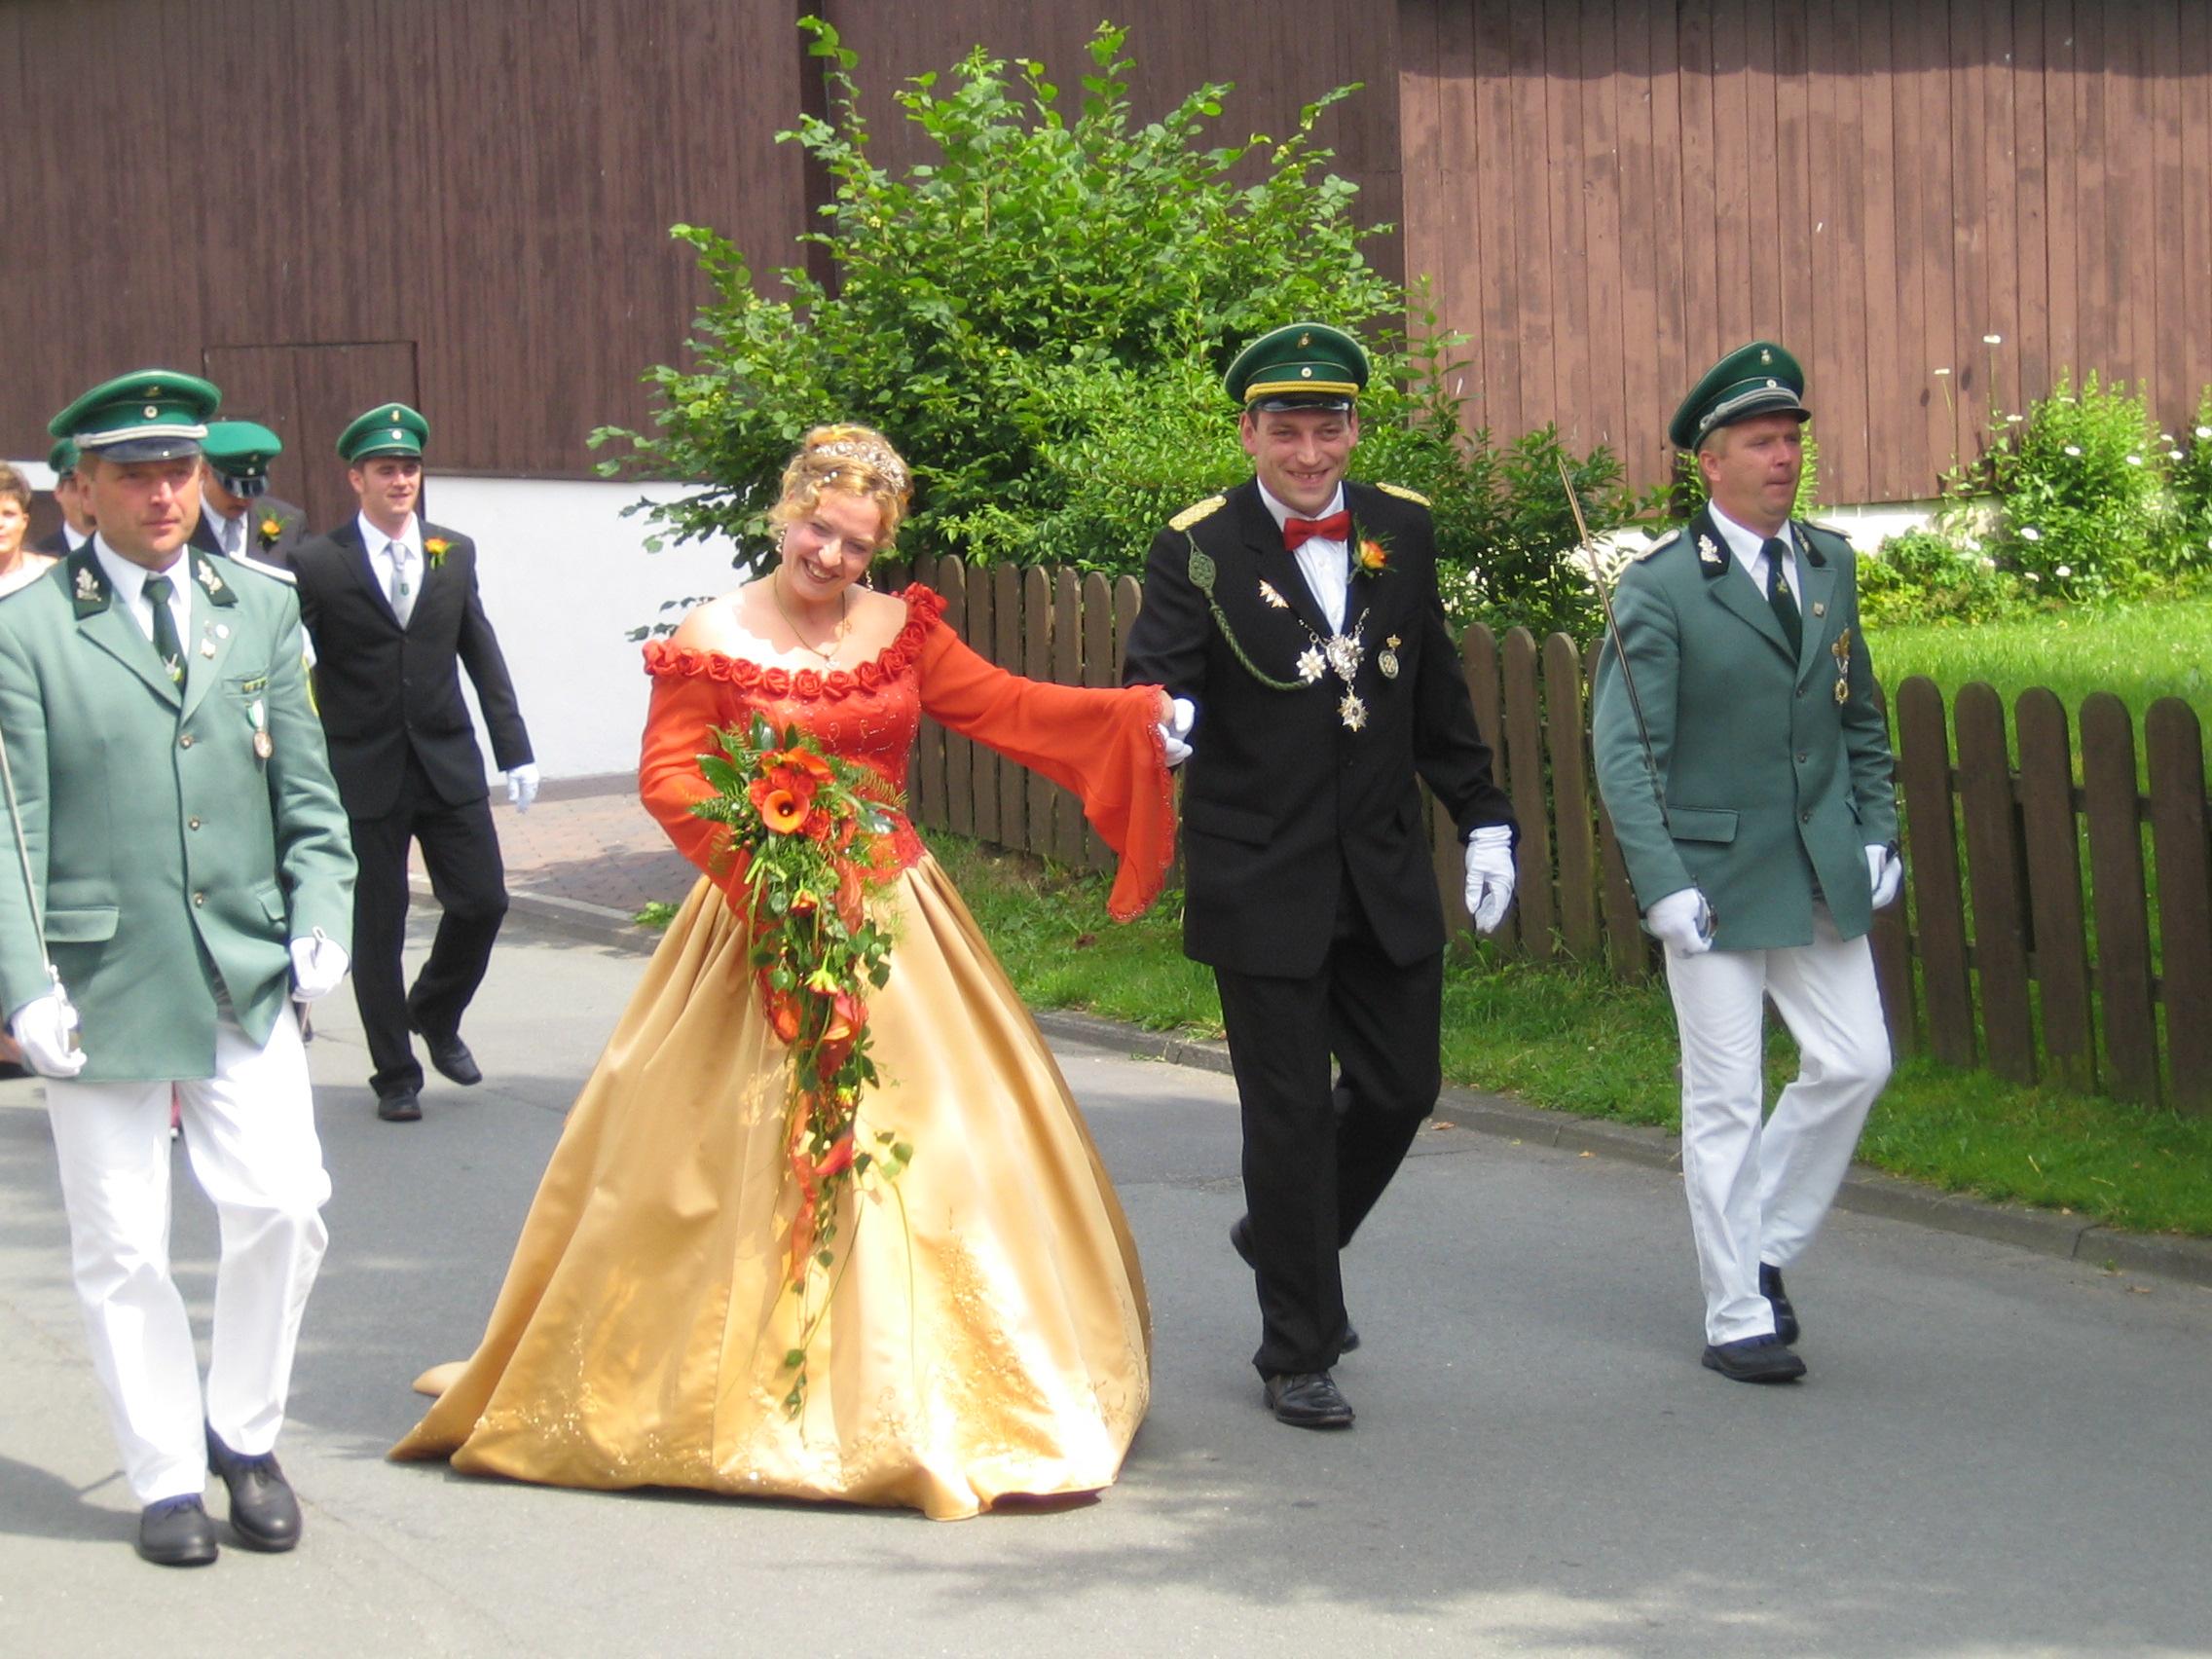 Das Schützenfest in Liesen findet immer am 1. August-Wochenende statt.